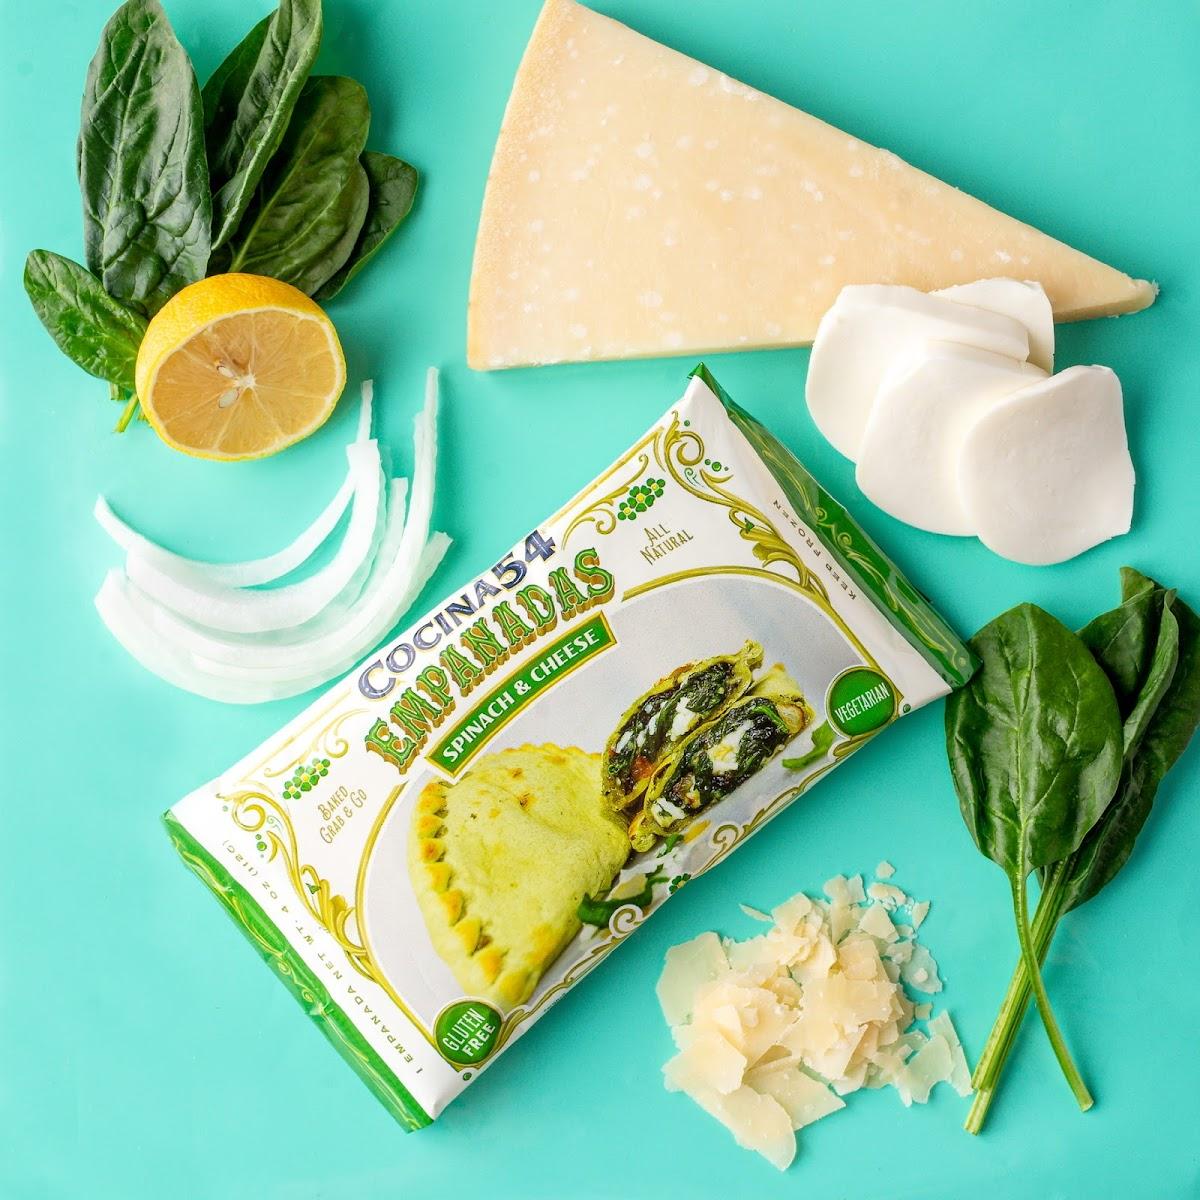 Spinach & Cheese Empanadas